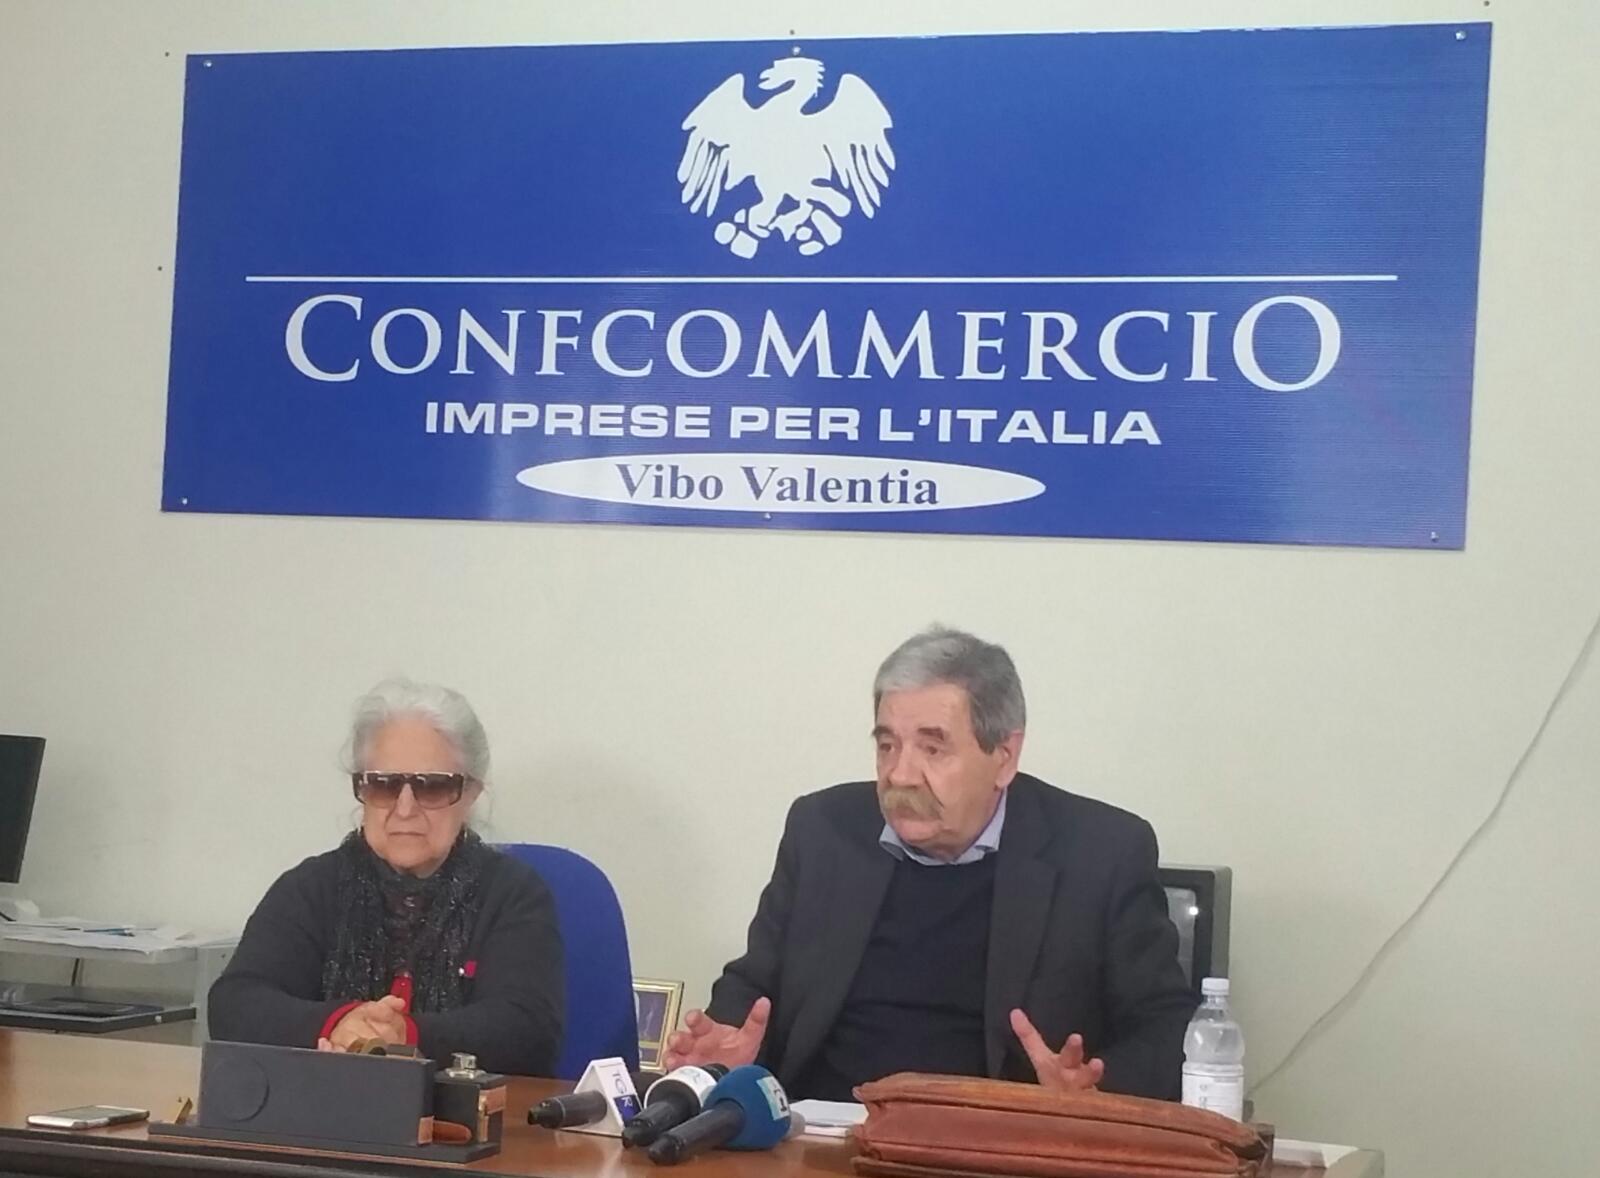 Autobomba Limbadi, la madre di Matteo Vinci contestaAccuse al ministro dell'Interno:«Non sono protetta»